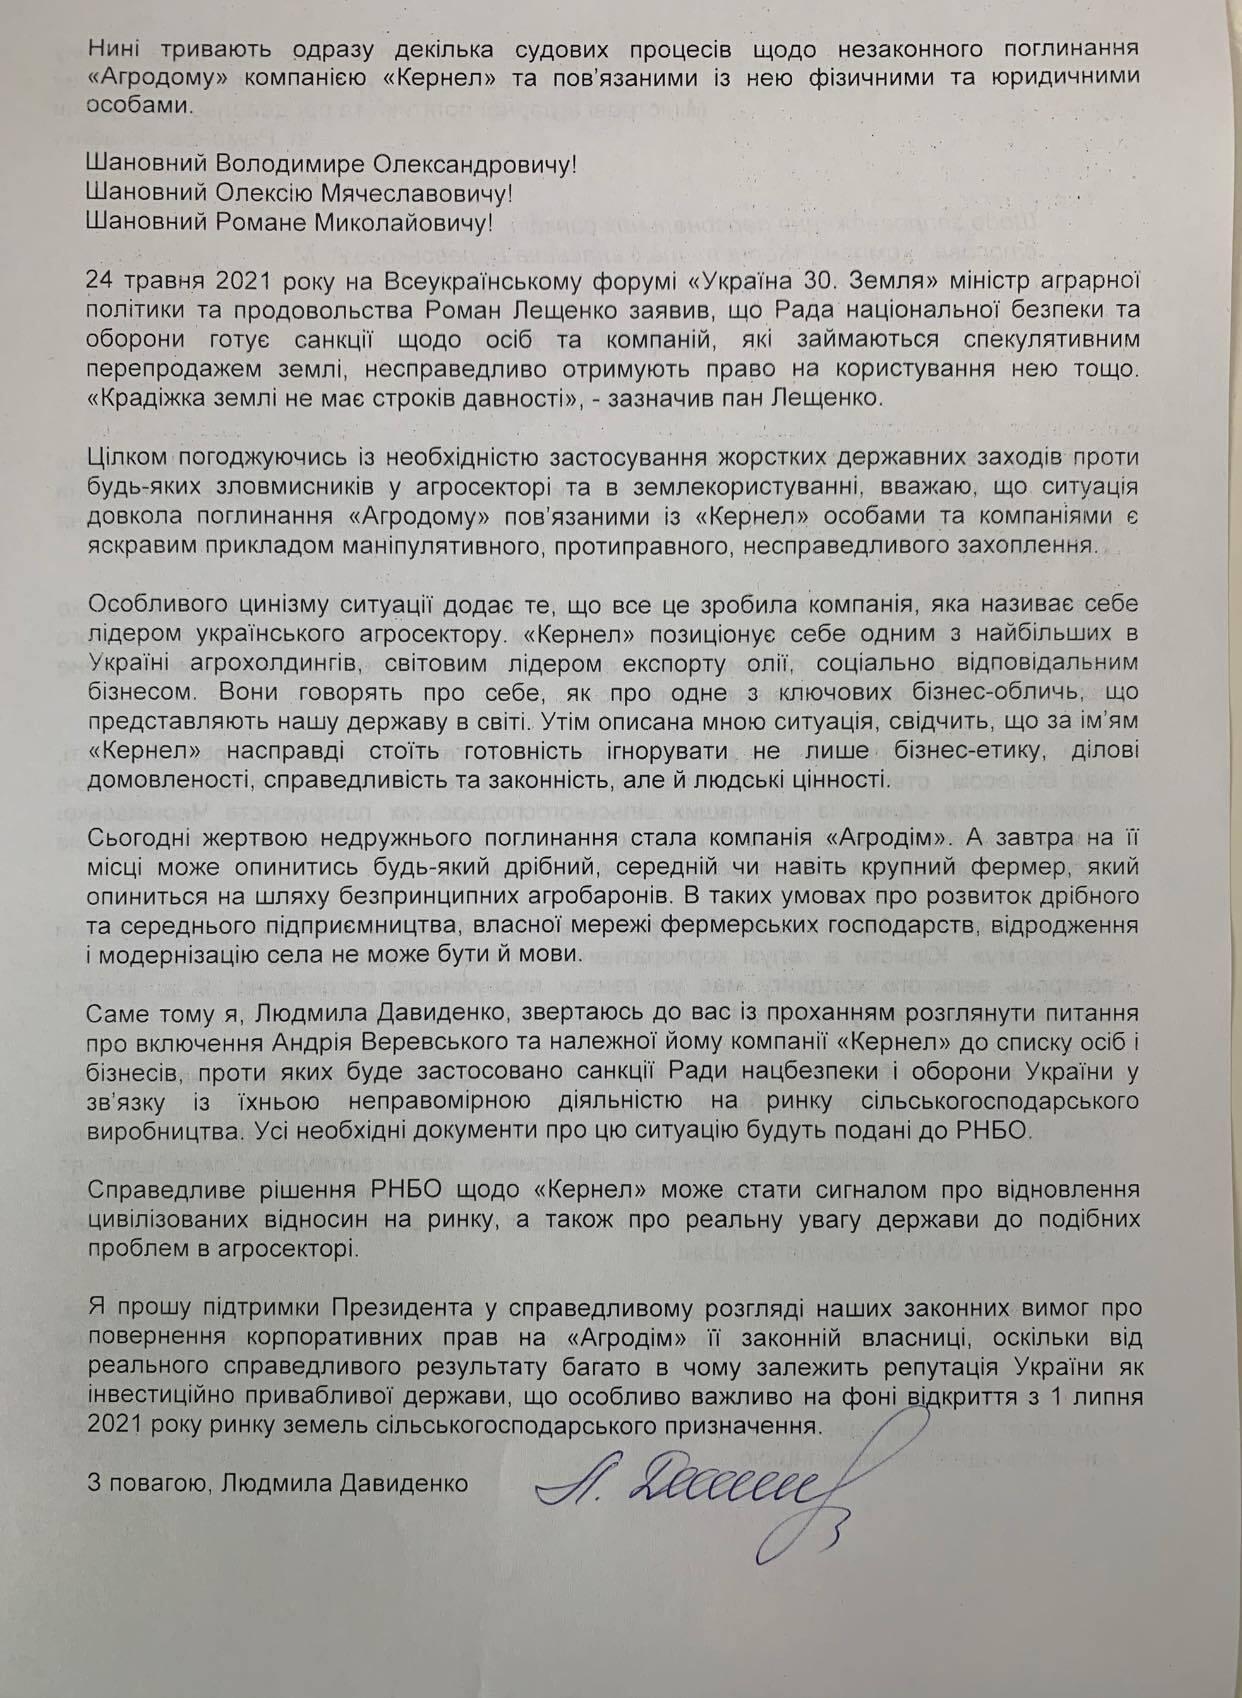 """Вдова загиблого нардепа Давиденка зажадала ввести санкції проти Веревського і """"Кернел"""""""